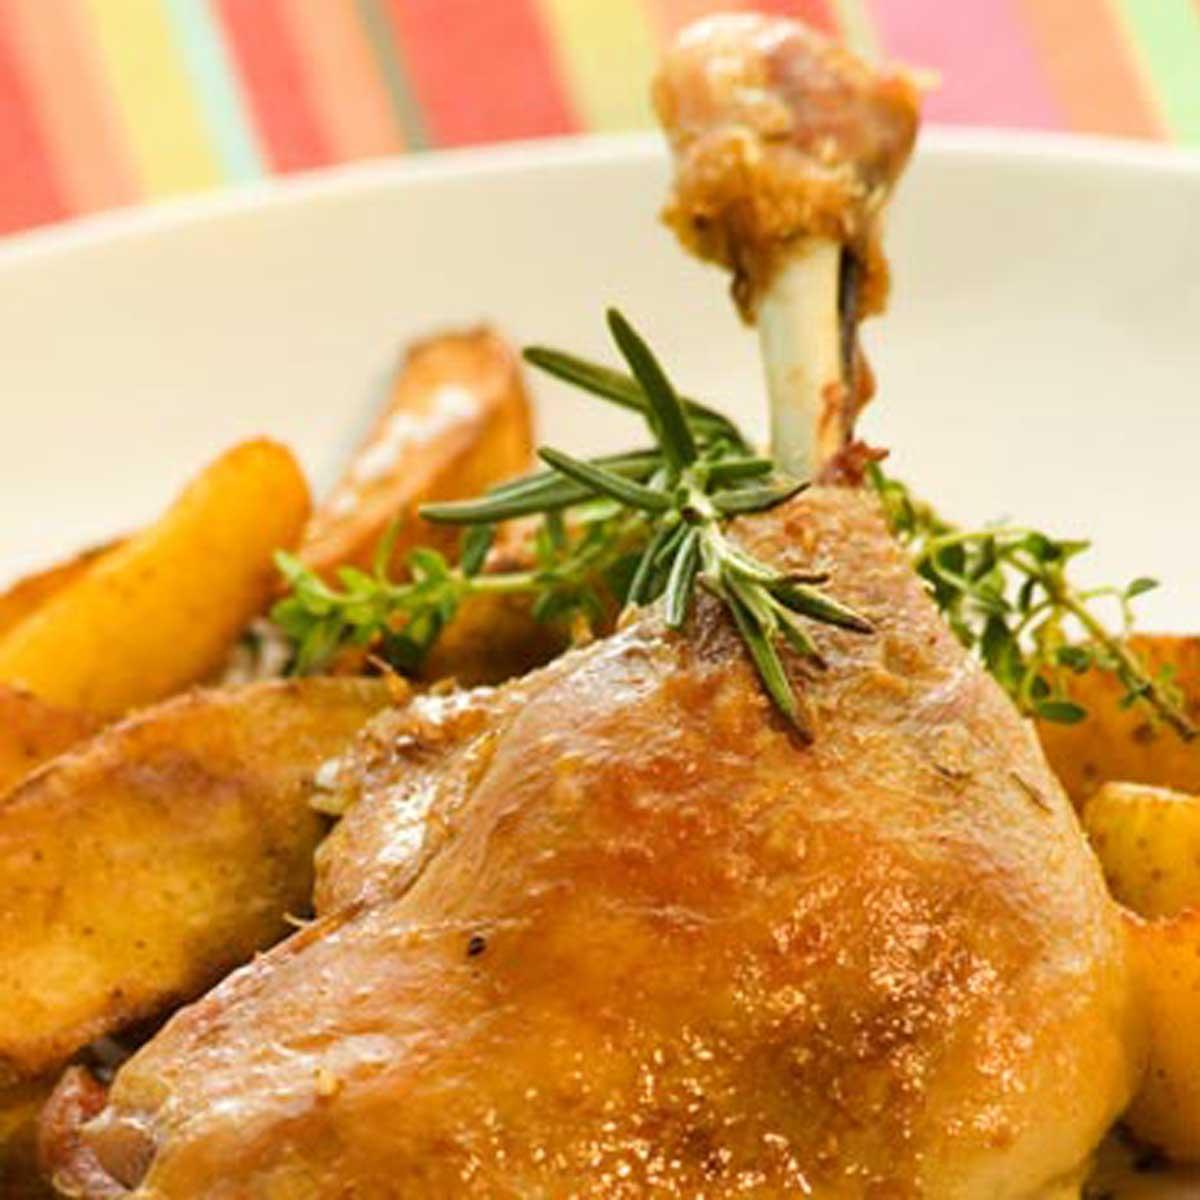 Recette cuisses de canard confites cuisine madame figaro - Recette de cuisse de canard ...